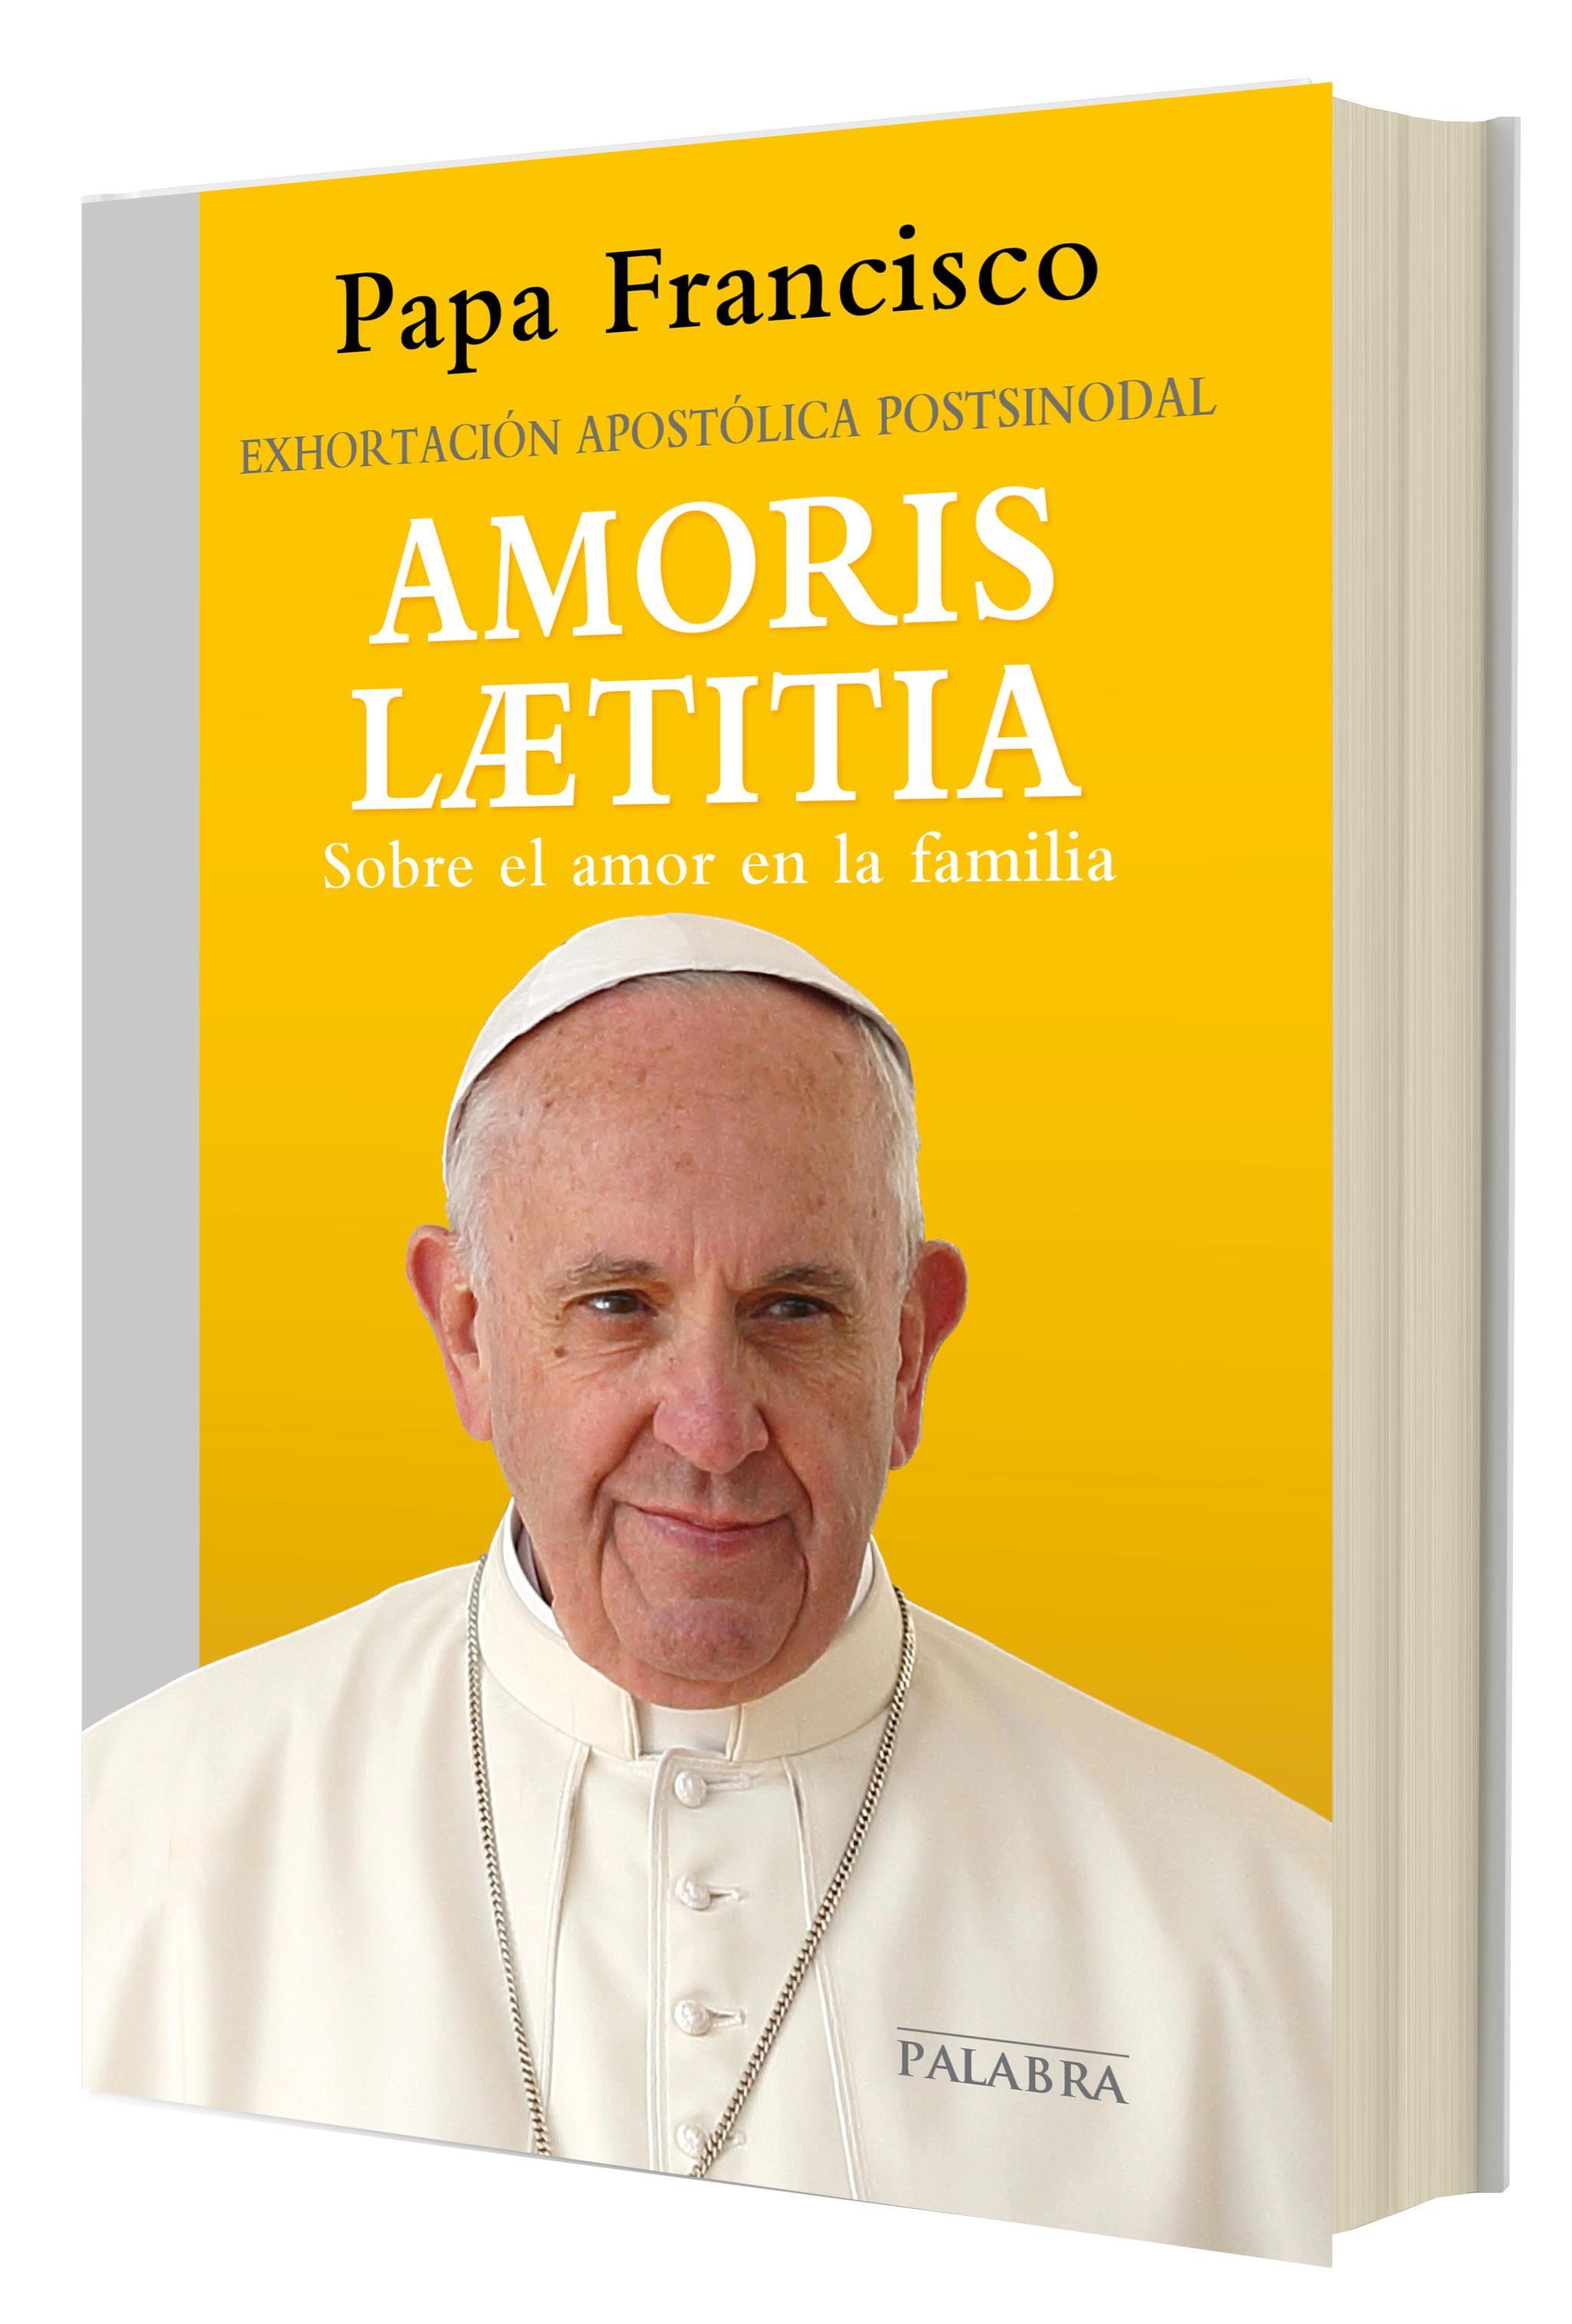 Amoris laetitia, de Papa Francisco